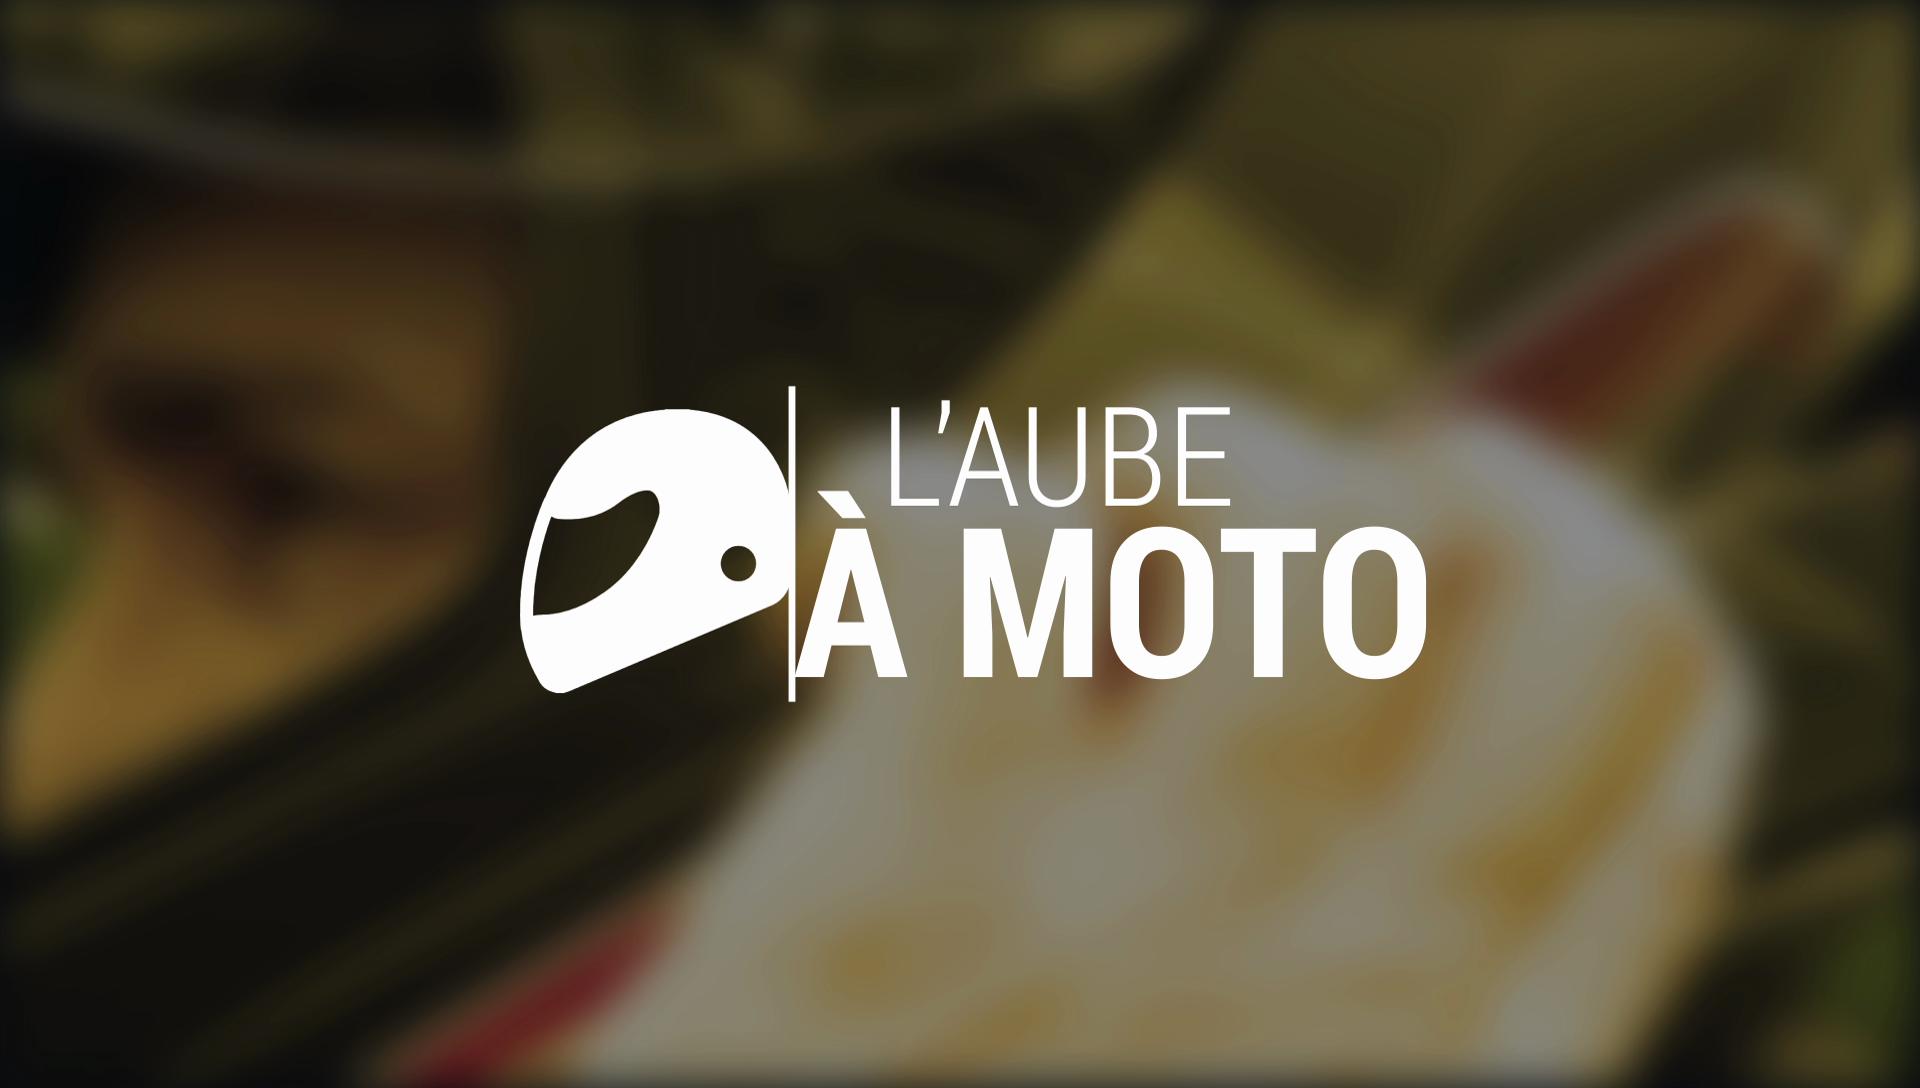 Image de l'emission L'AUBE A MOTO